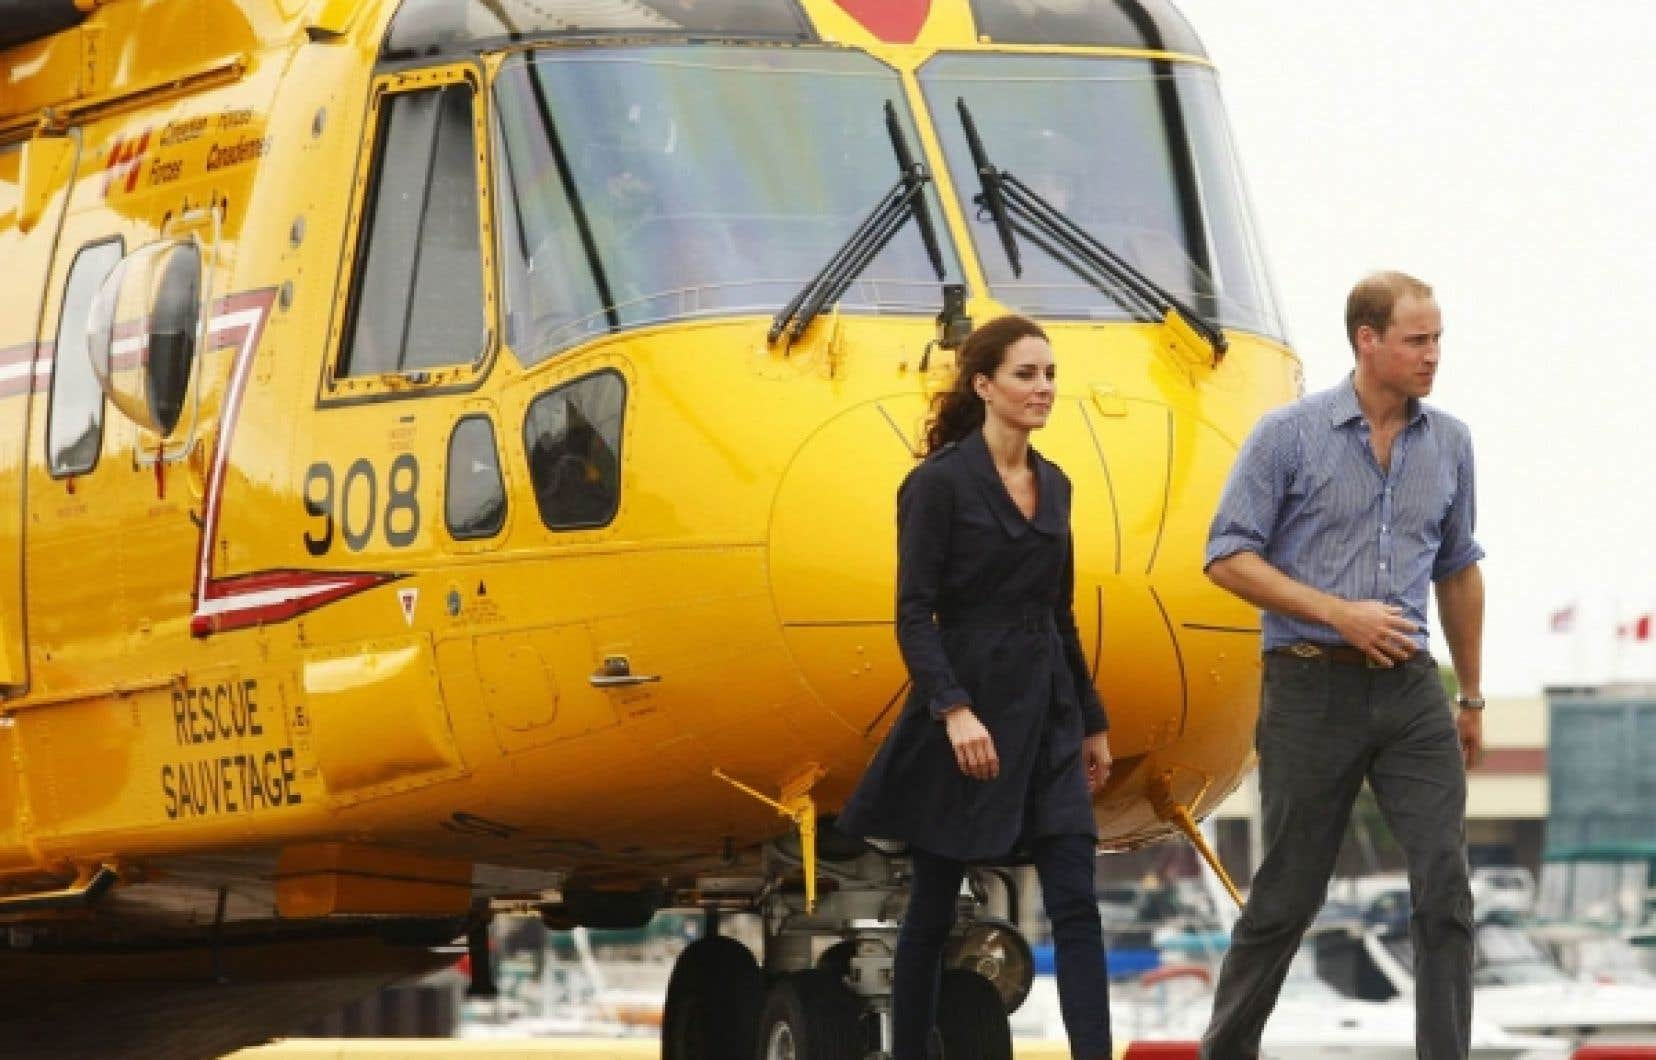 La journée du couple royal s'est terminée à Summerside, à l'Île-du-Prince-Édouard.<br />